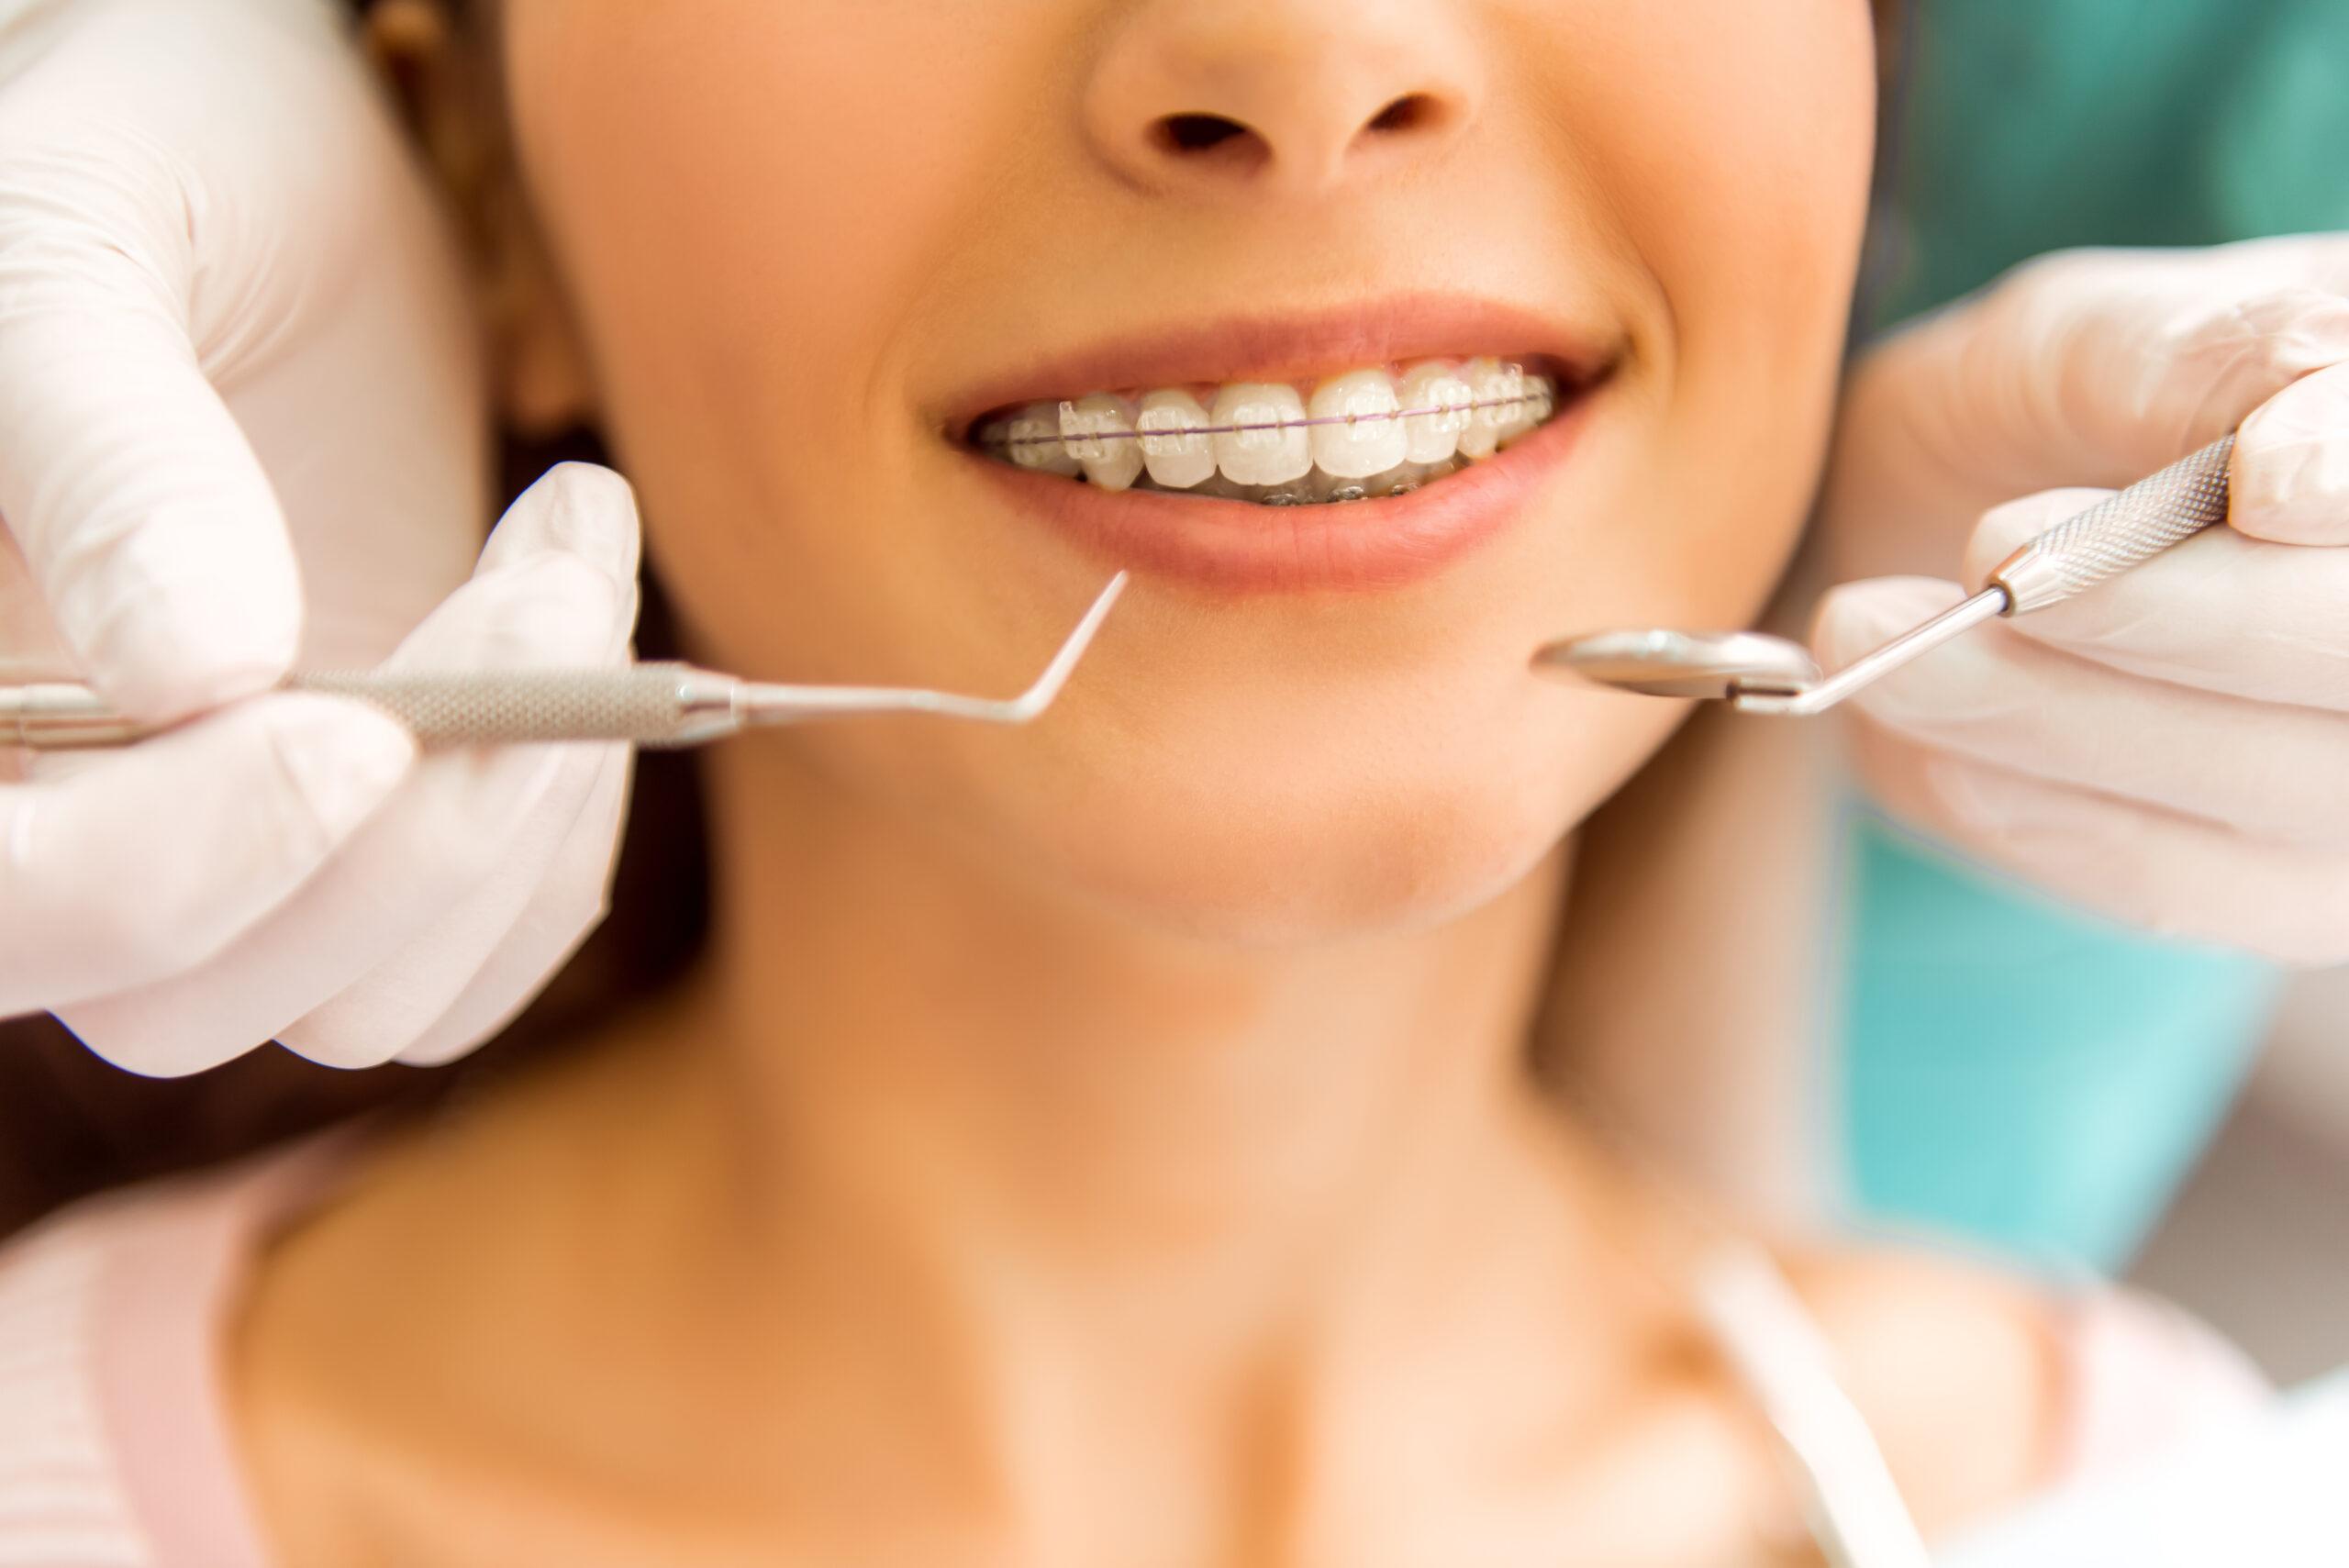 Коронки на зубы: виды и достоинства